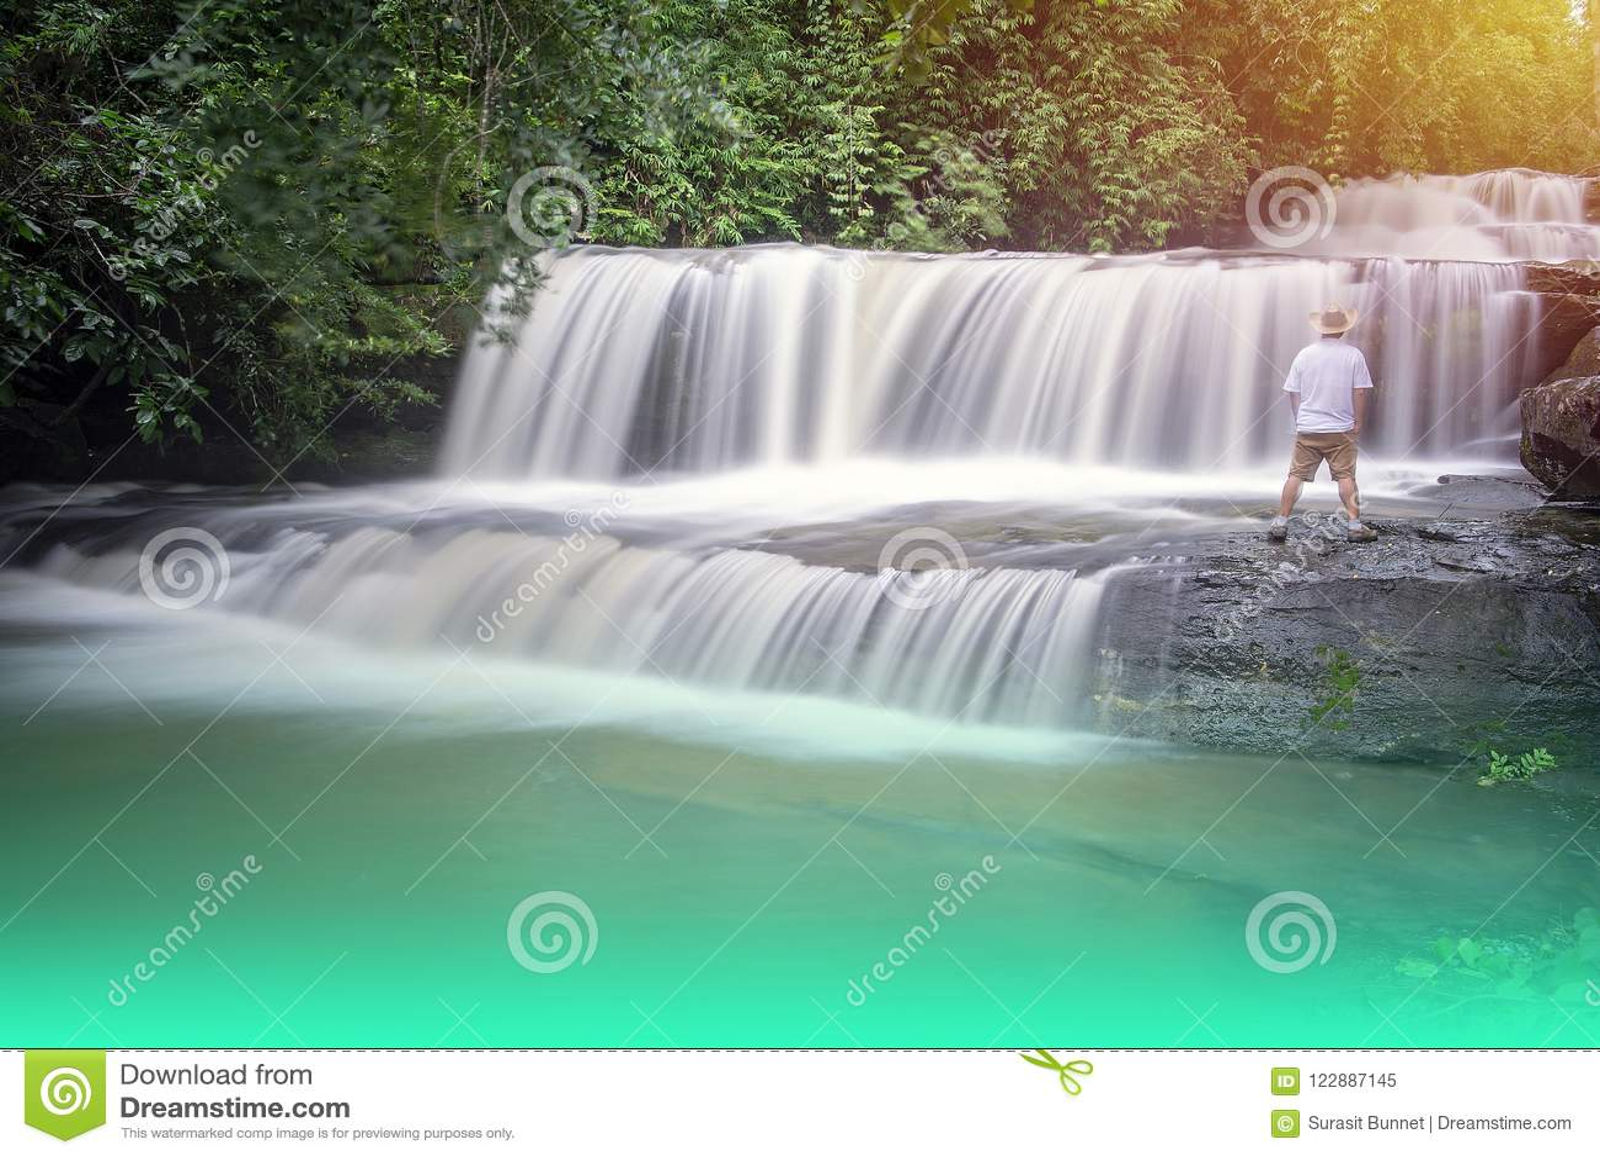 Mire la belleza de la cascada